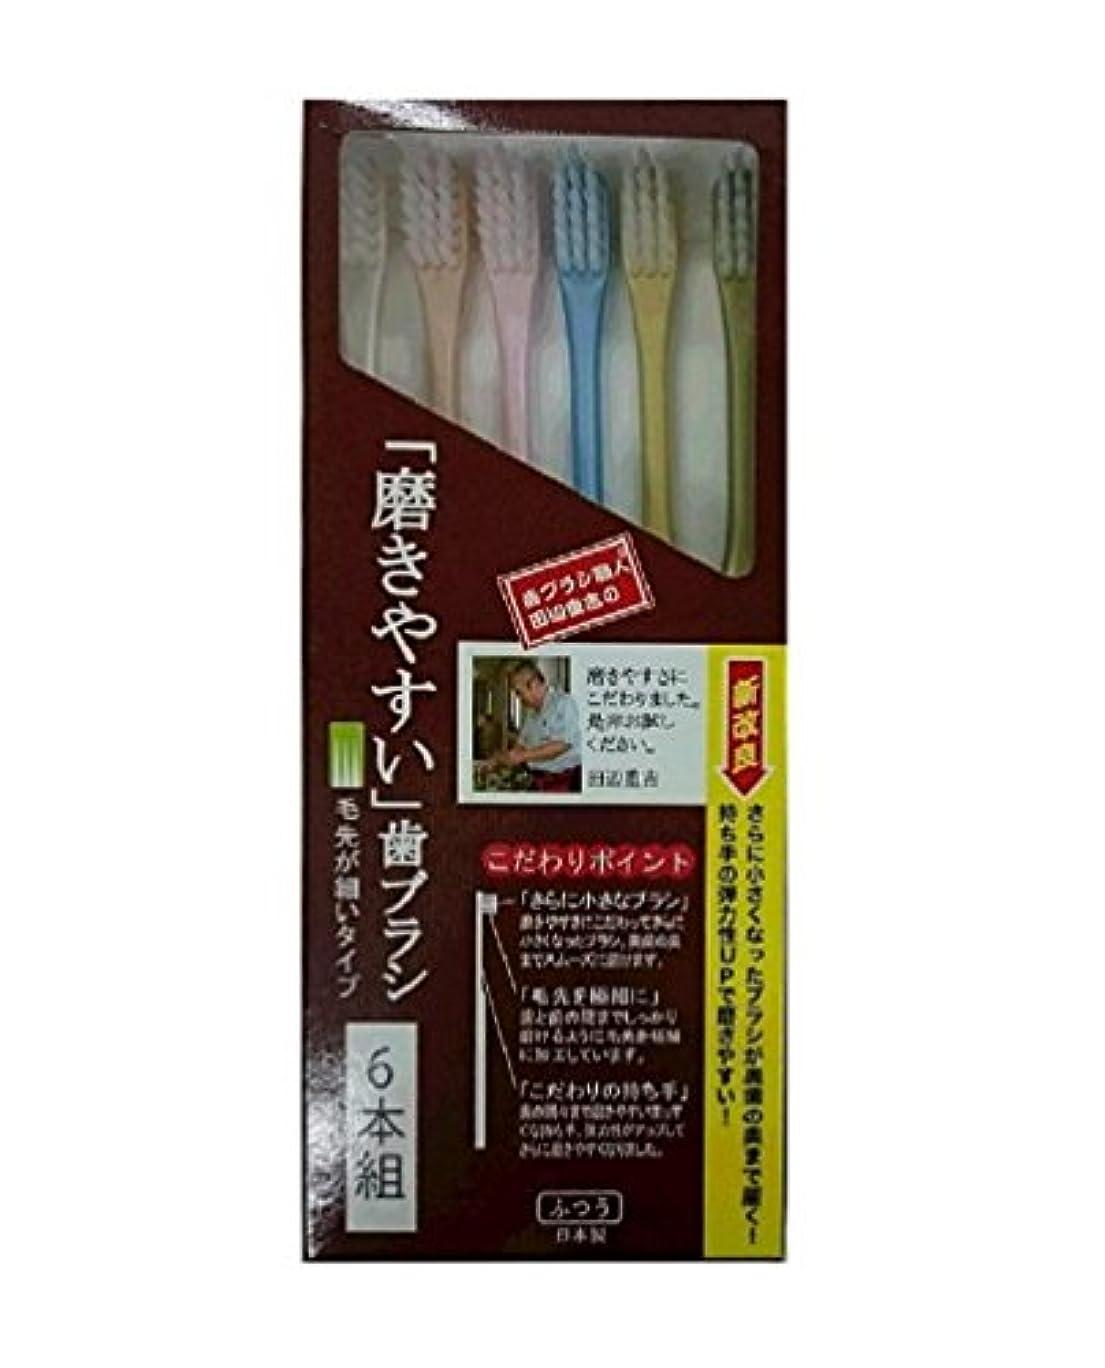 アッパー安西終わった歯ブラシ職人 田辺重吉考案 磨きやすい歯ブラシ 先細 6本組